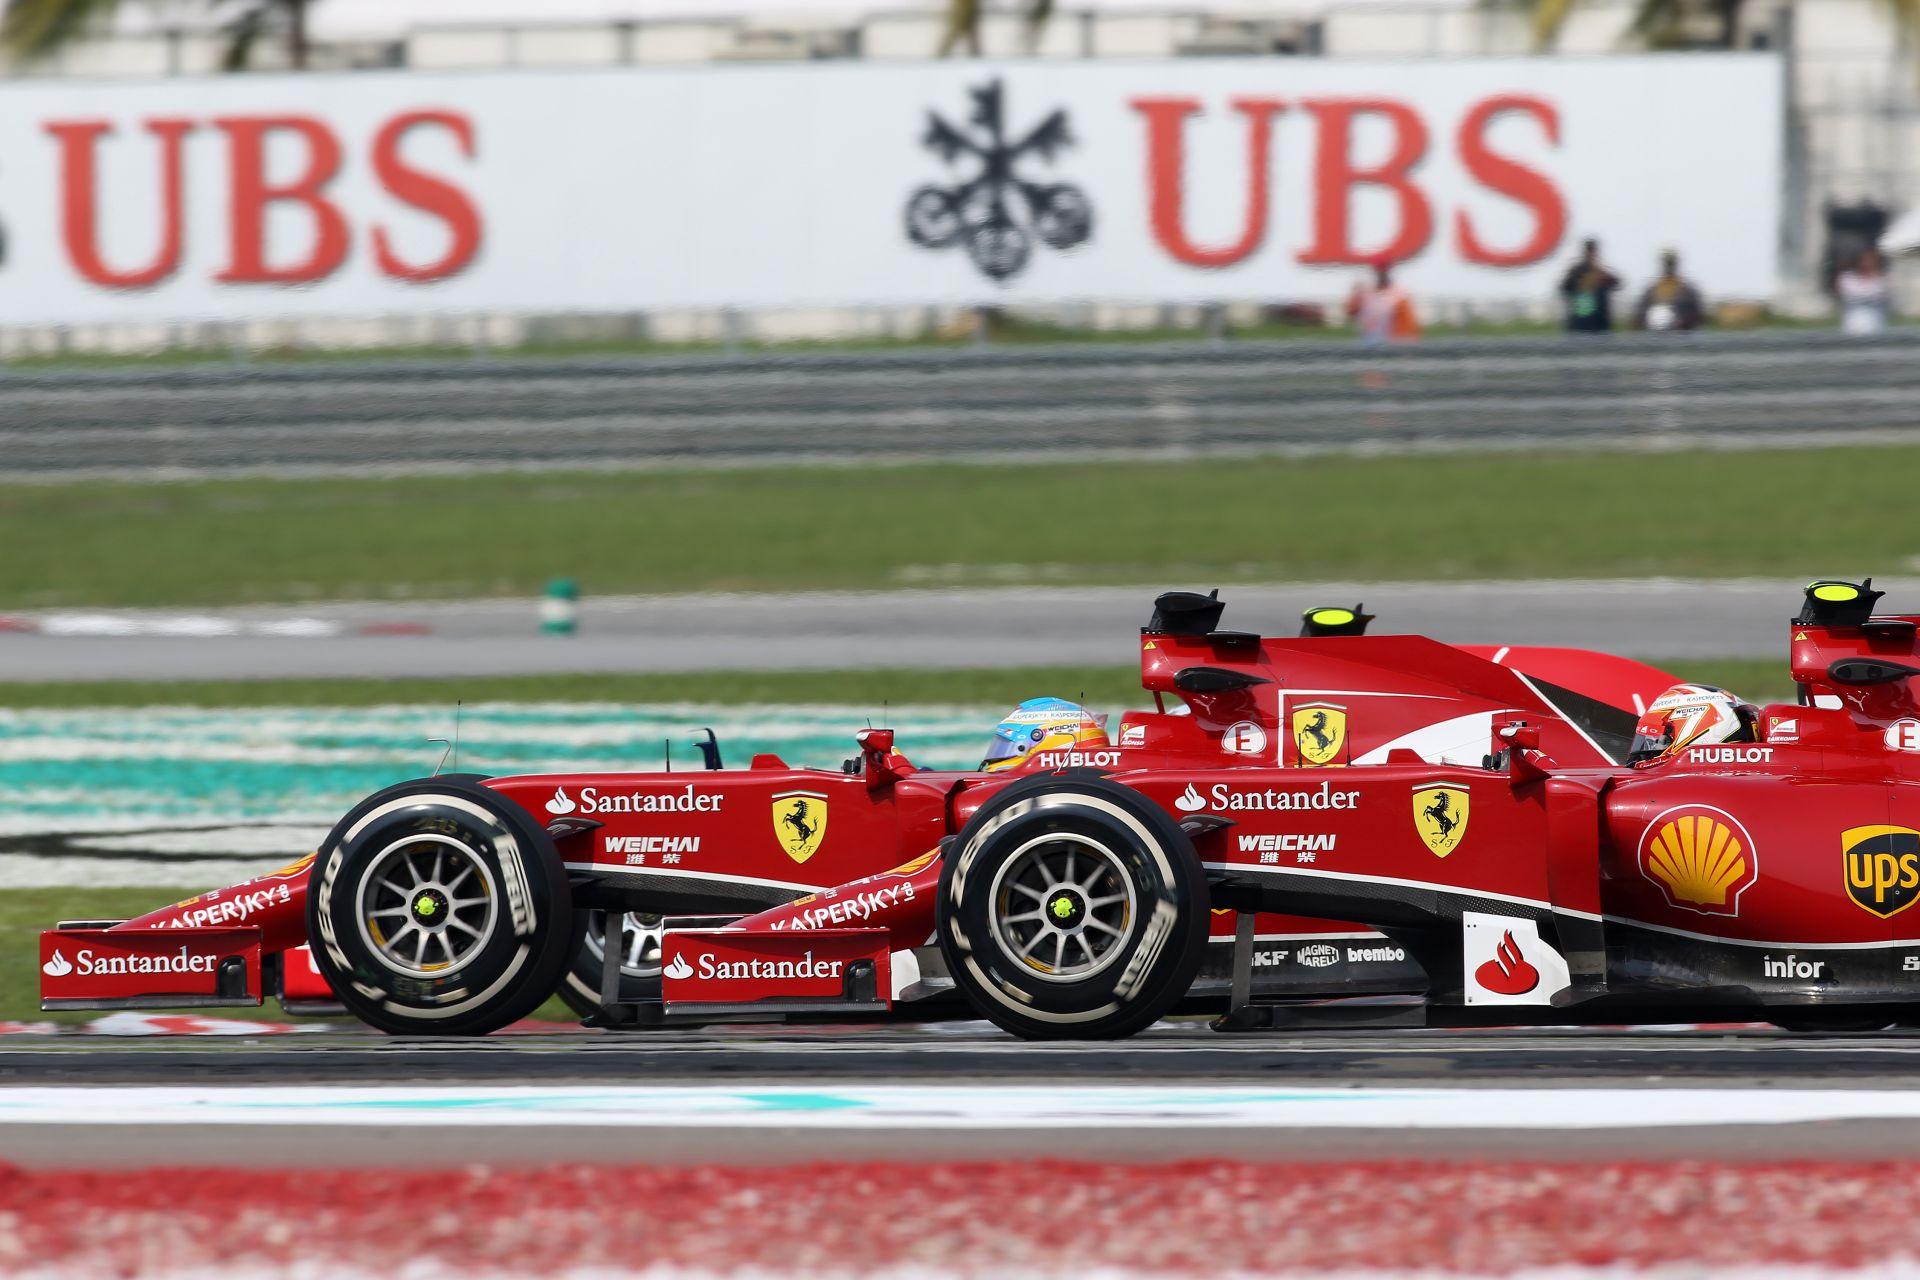 Alonso ismét Raikkönen előtt: A 4. helyen ért célba a spanyol világbajnok